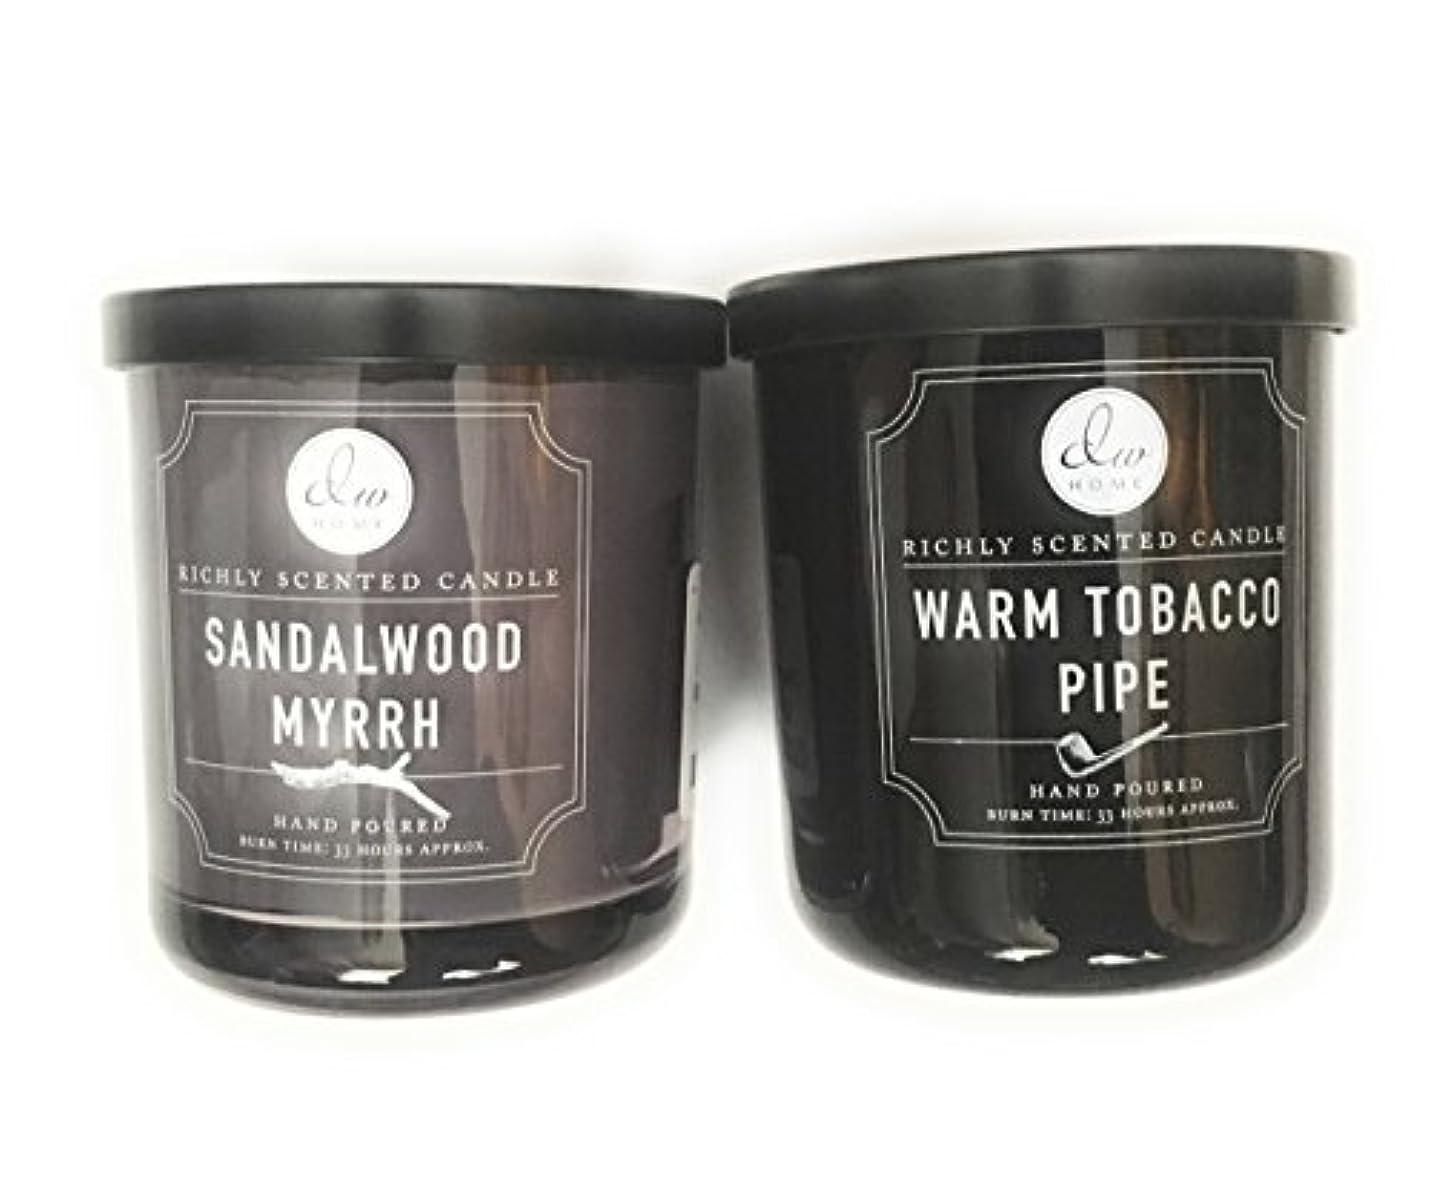 分子狂う可決DW Home Candle Bundle with a Warm Tobacco Pipe (290ml) Candle and a Sandalwood and Myrrh (290ml) Candle (2 items)